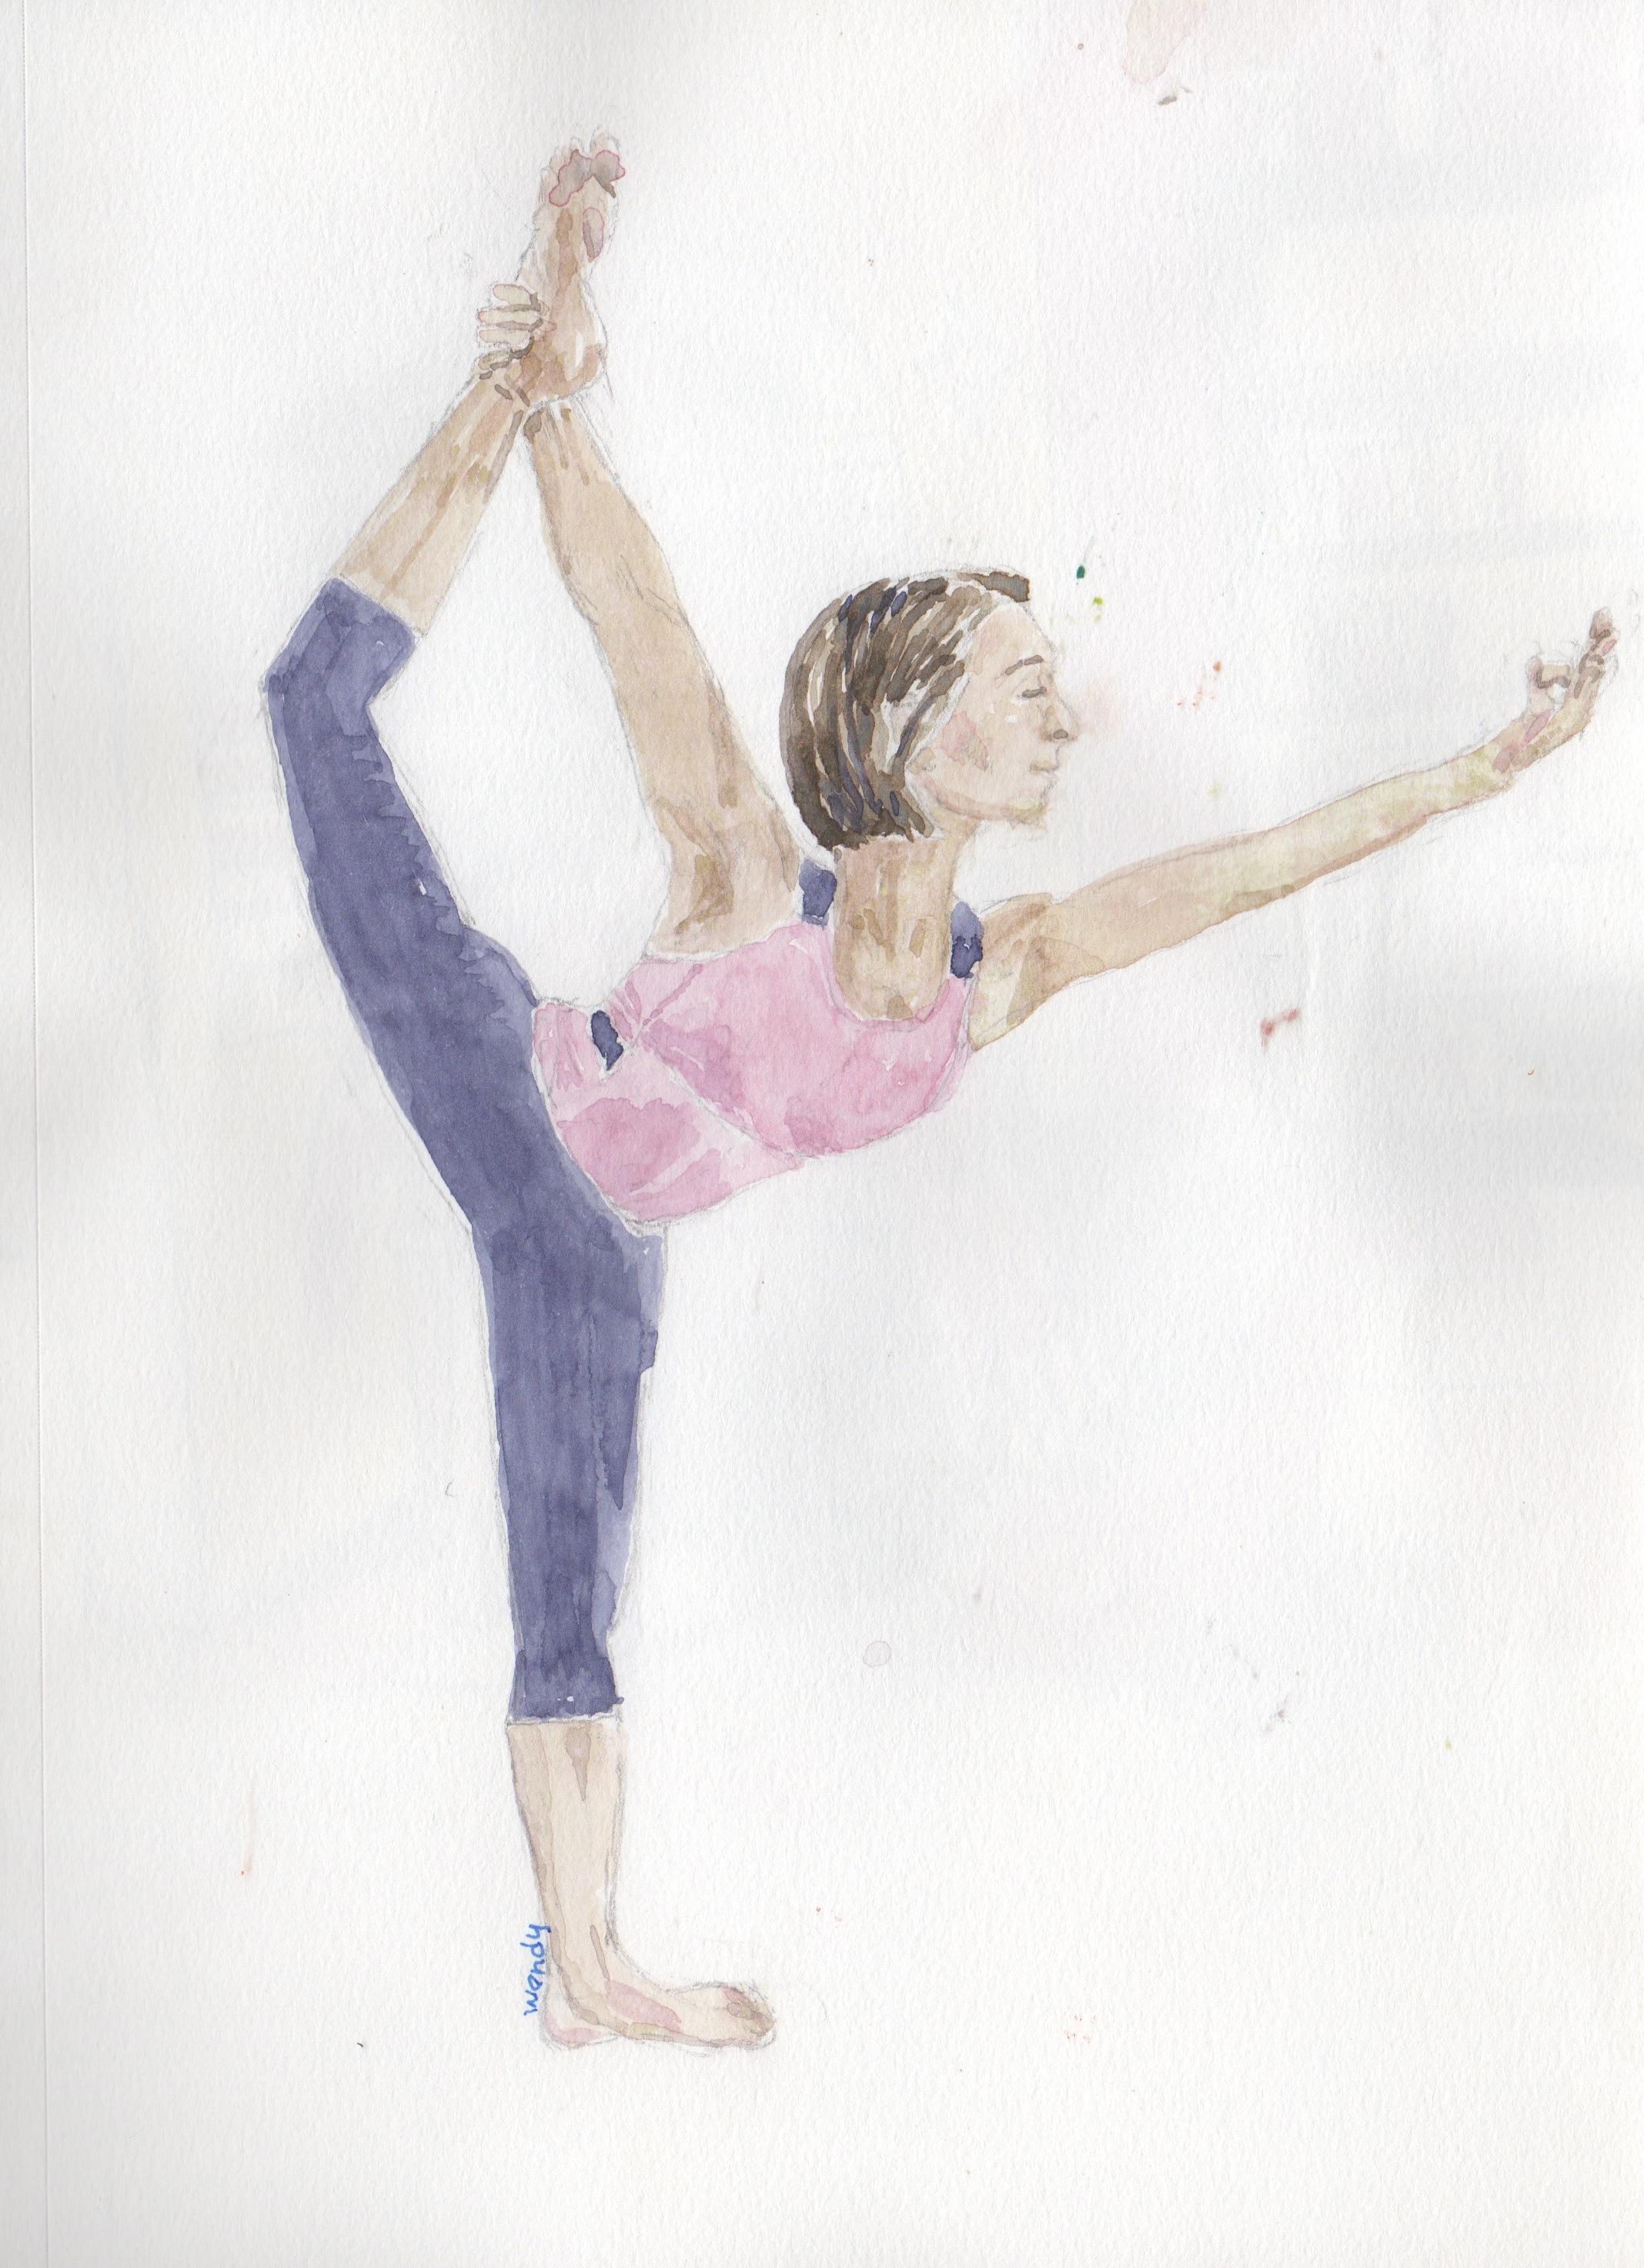 Saara's Dancer